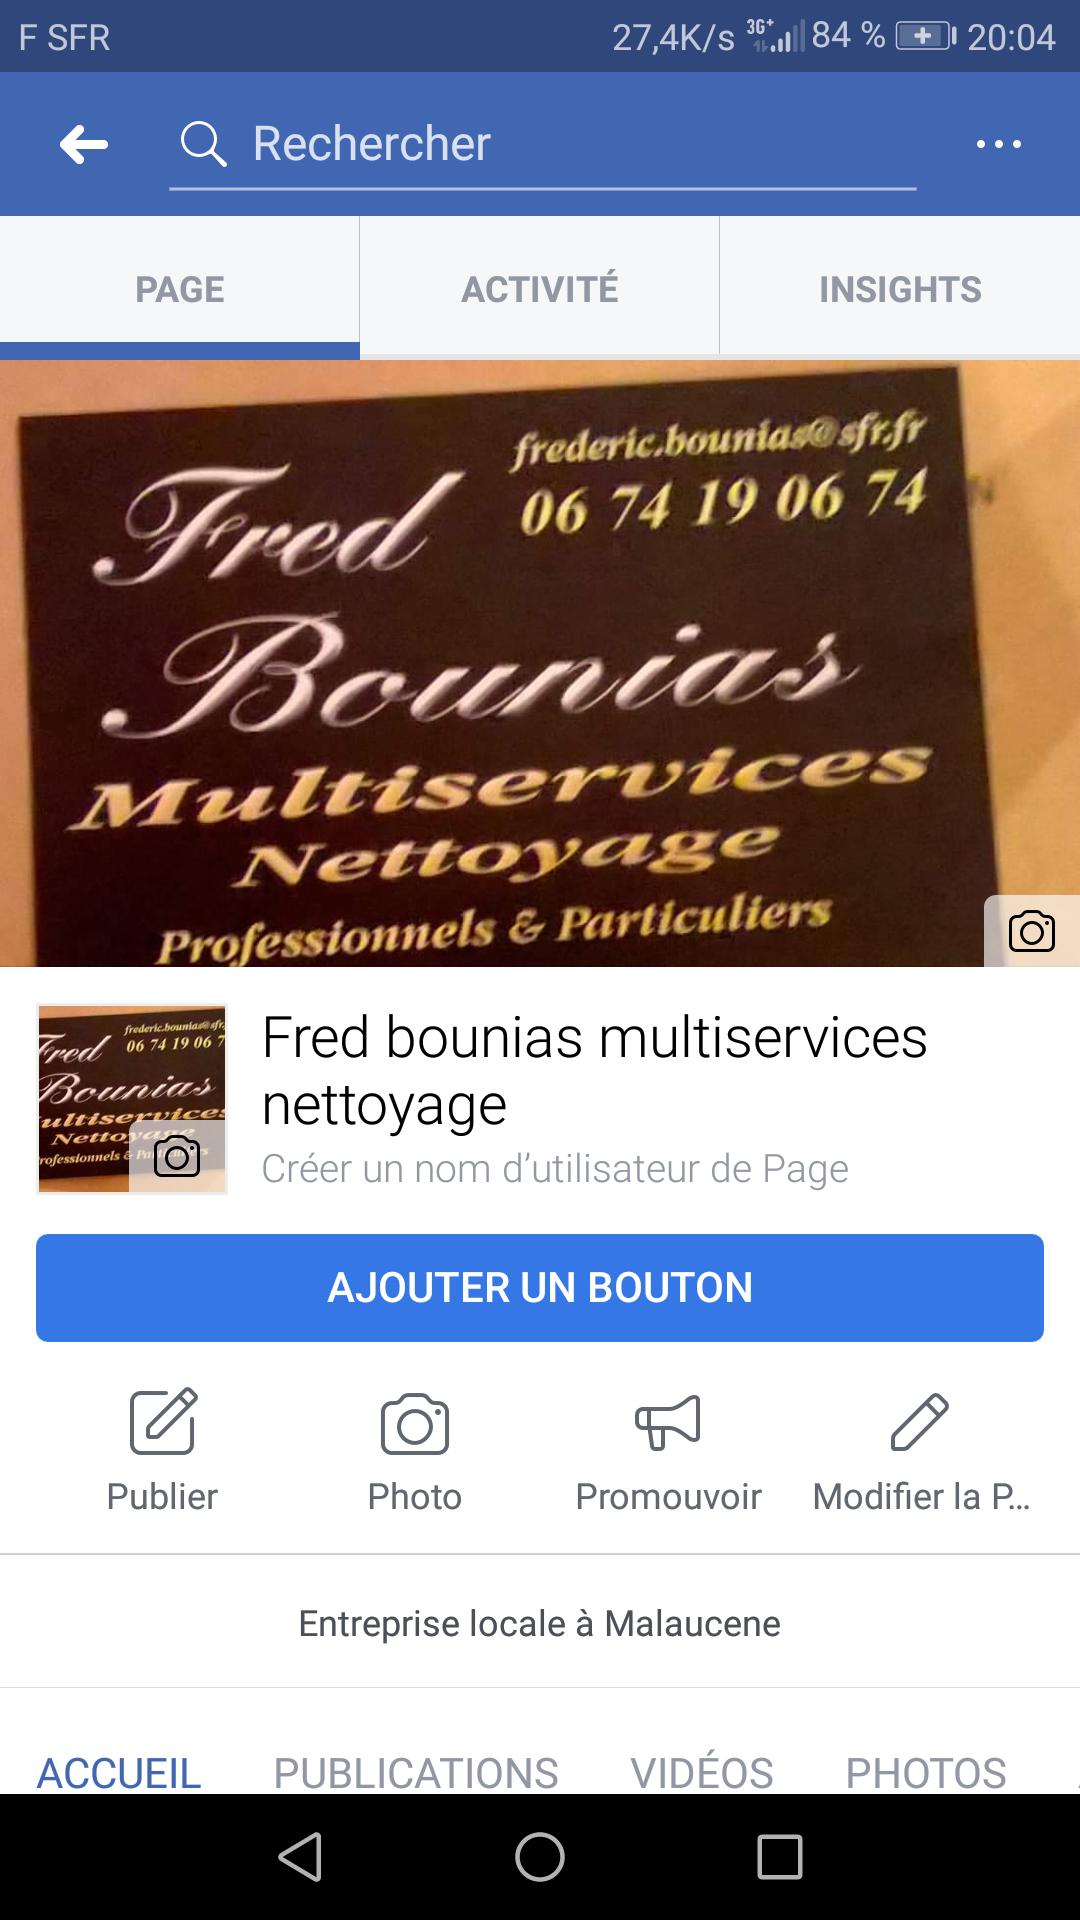 Logo de Frede bounias multiservices nettoyage, société de travaux en Nettoyage de copropriété